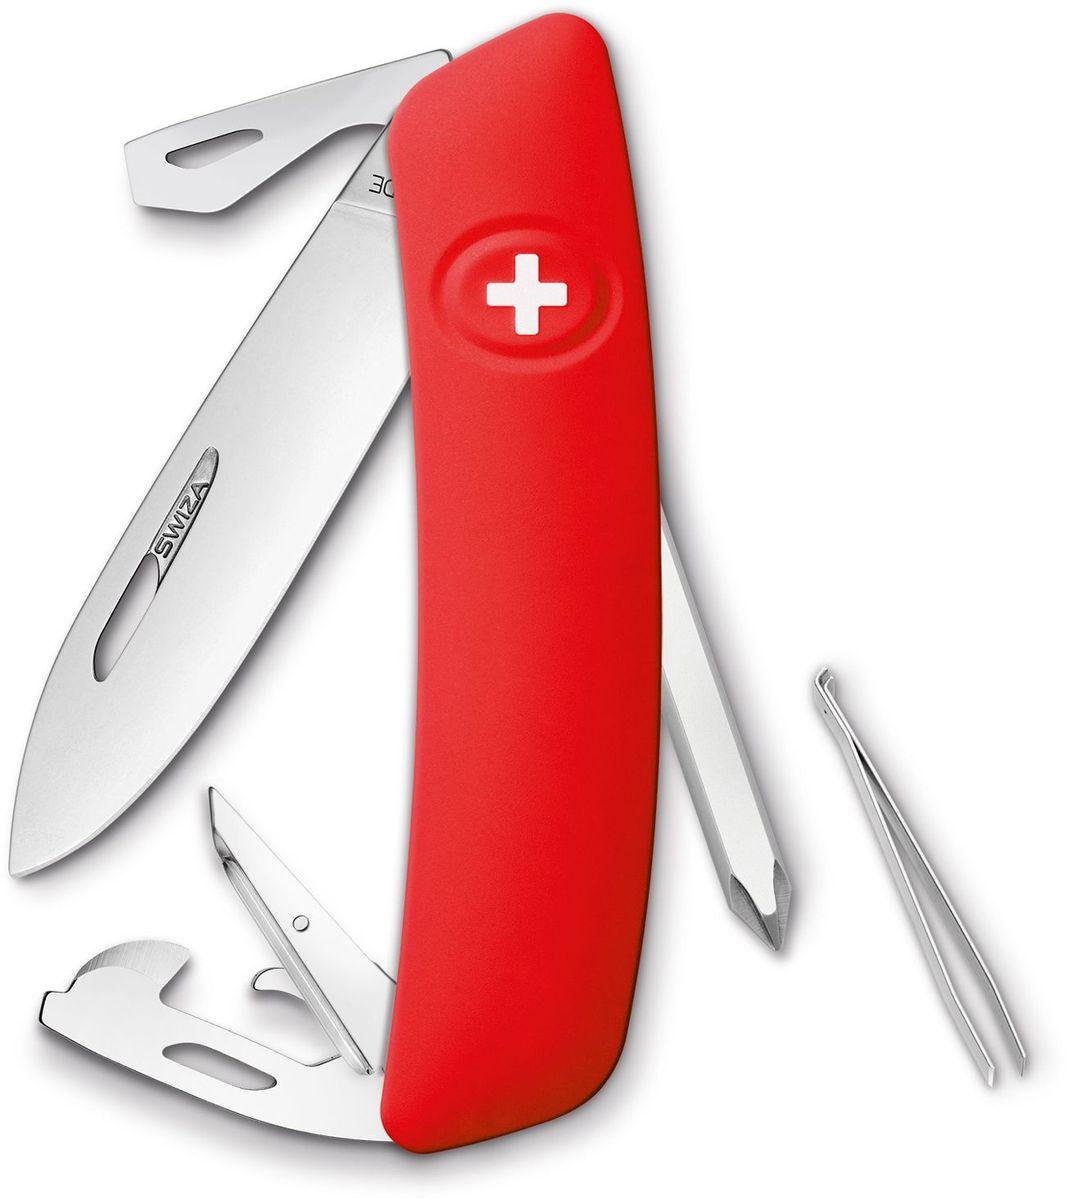 Нож швейцарский SWIZA D04, цвет: красный, длина клинка 7,5 см